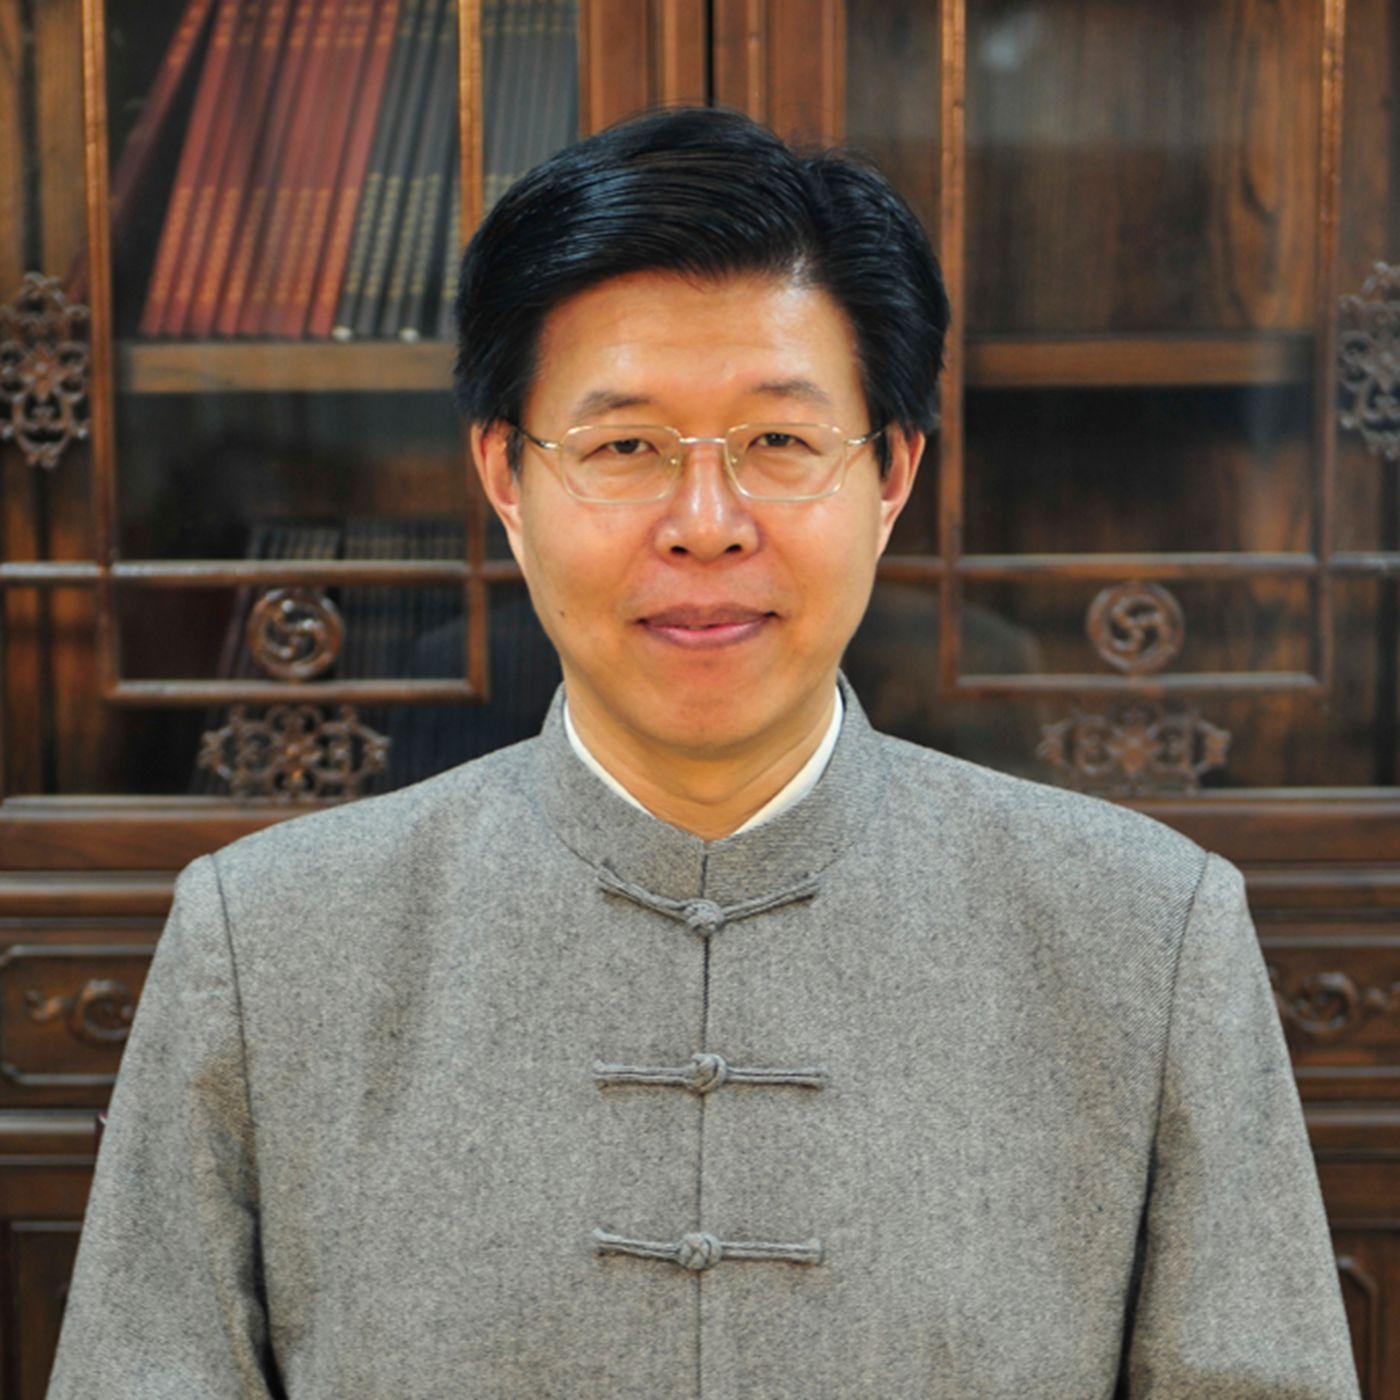 李毅多老师专辑